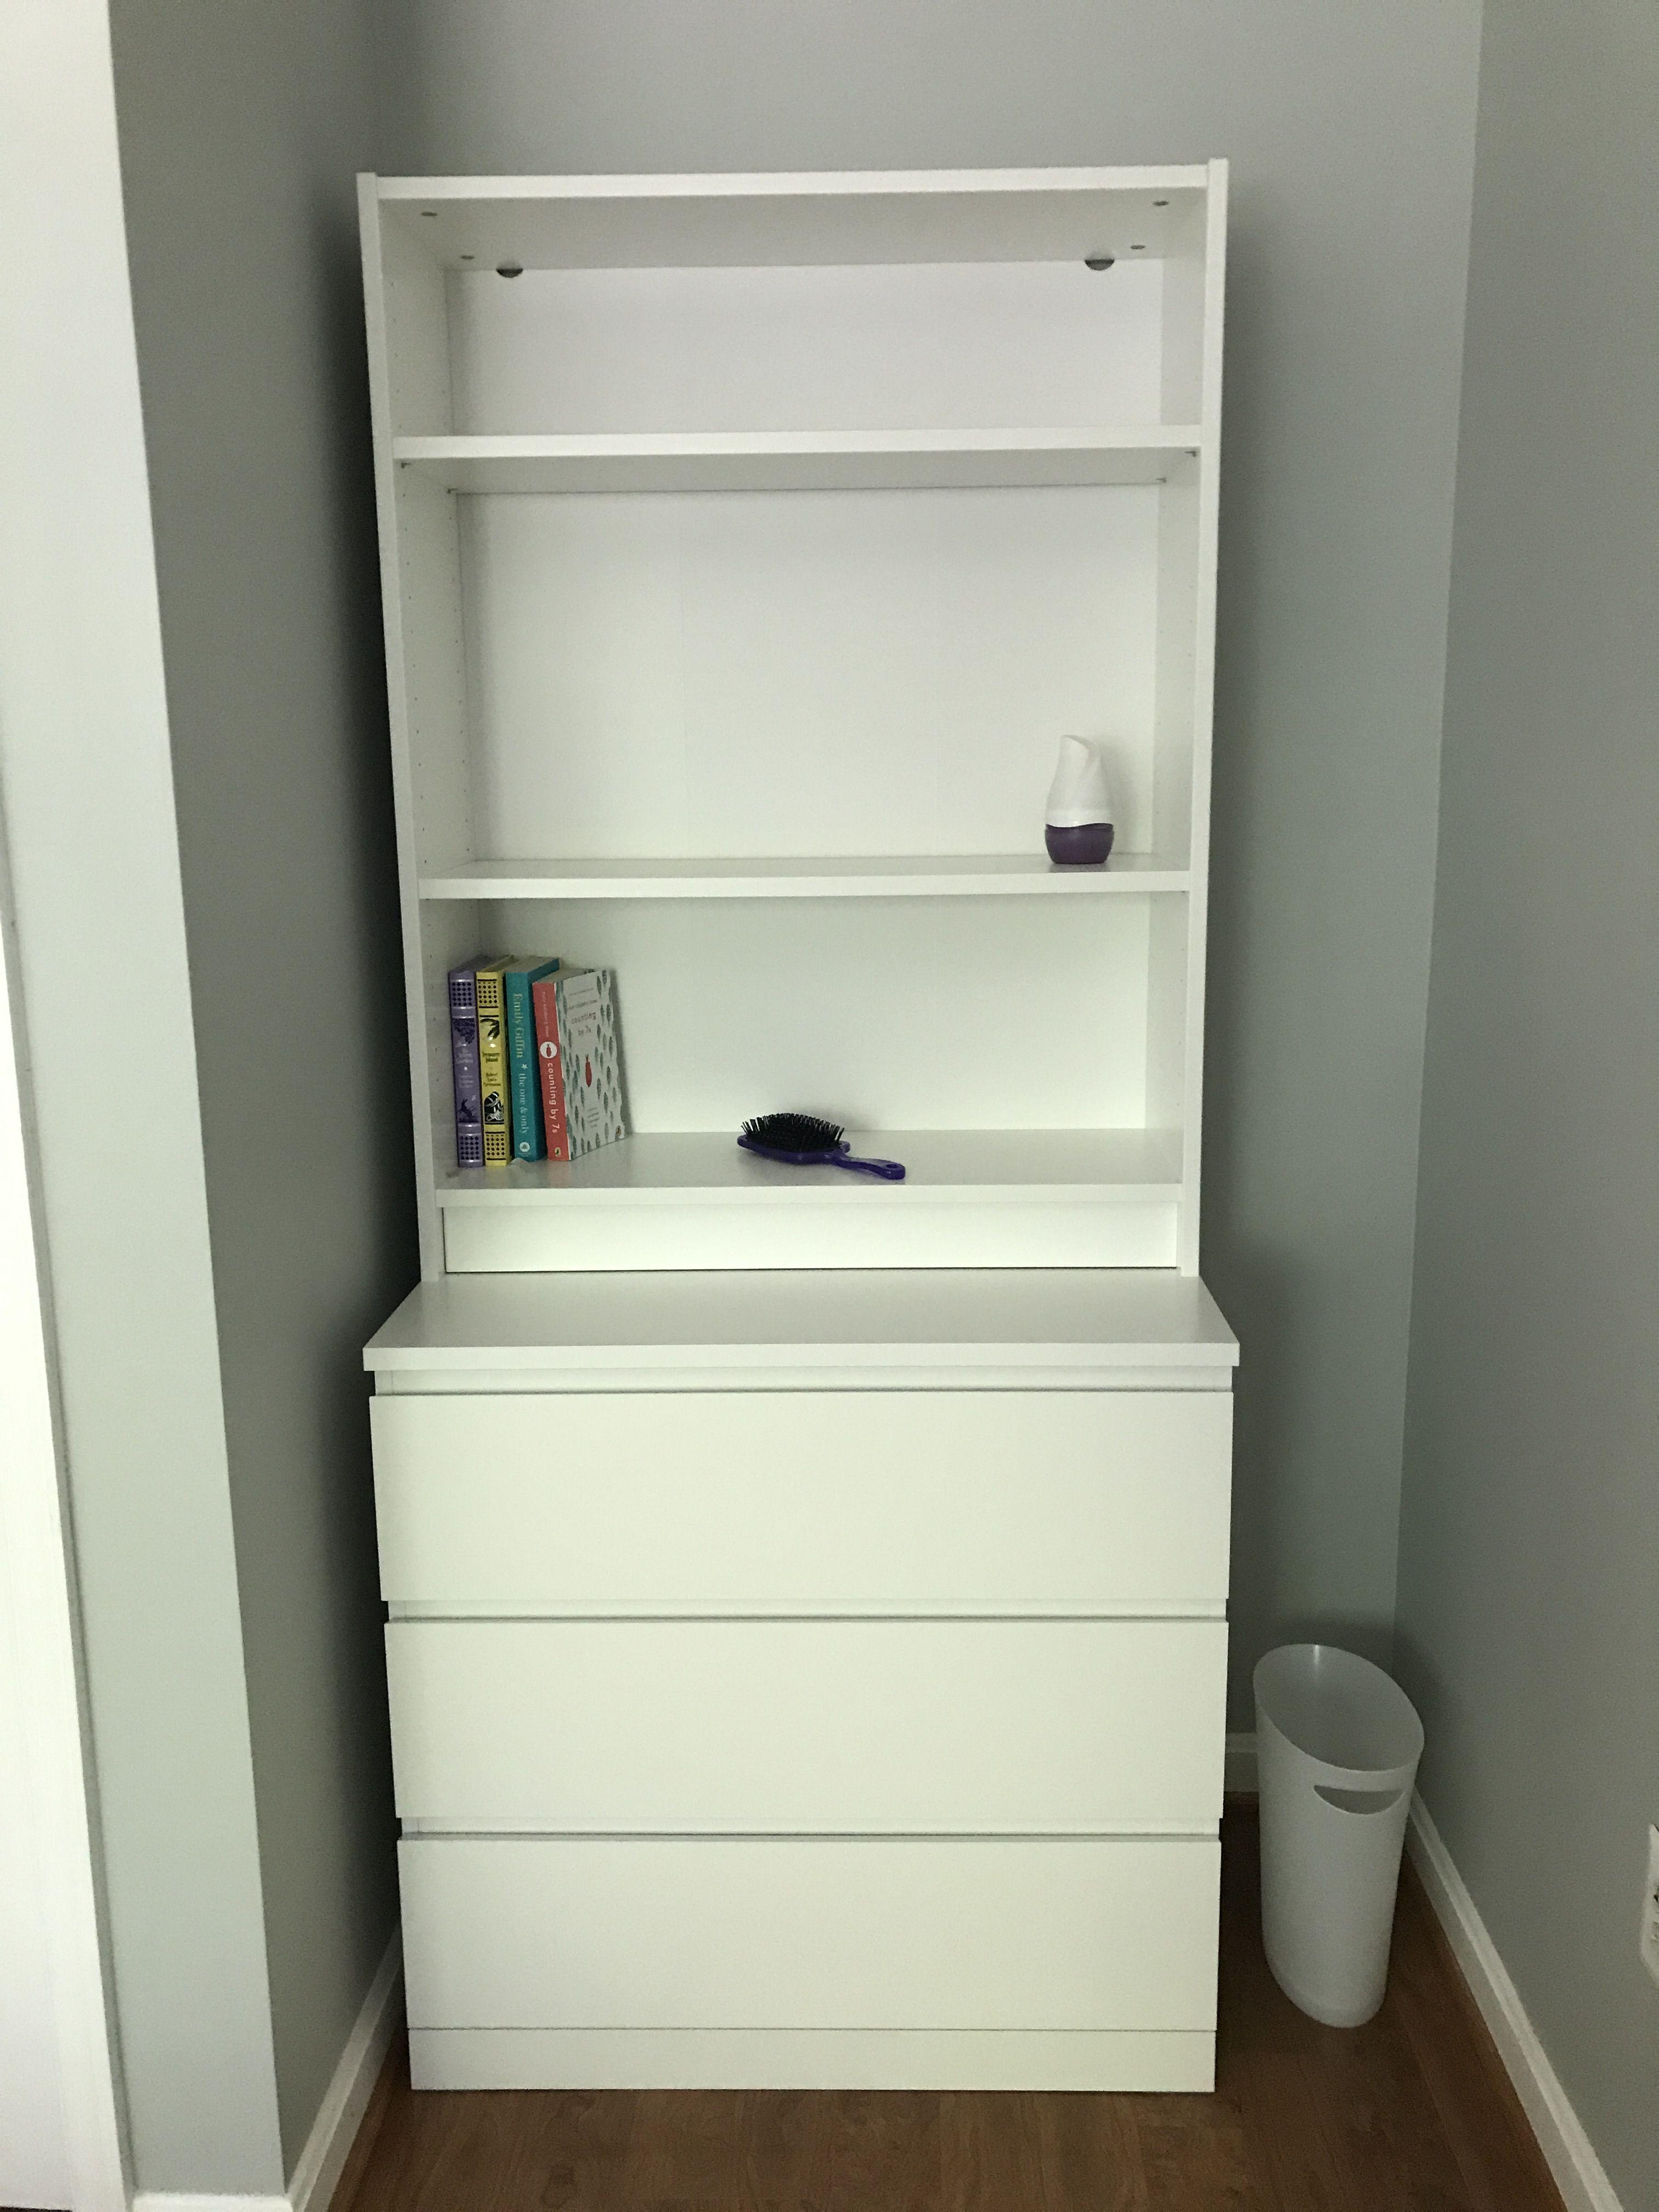 Ikea Malm Dresser And Billy Bookshelf Malm Dresser Ikea Malm